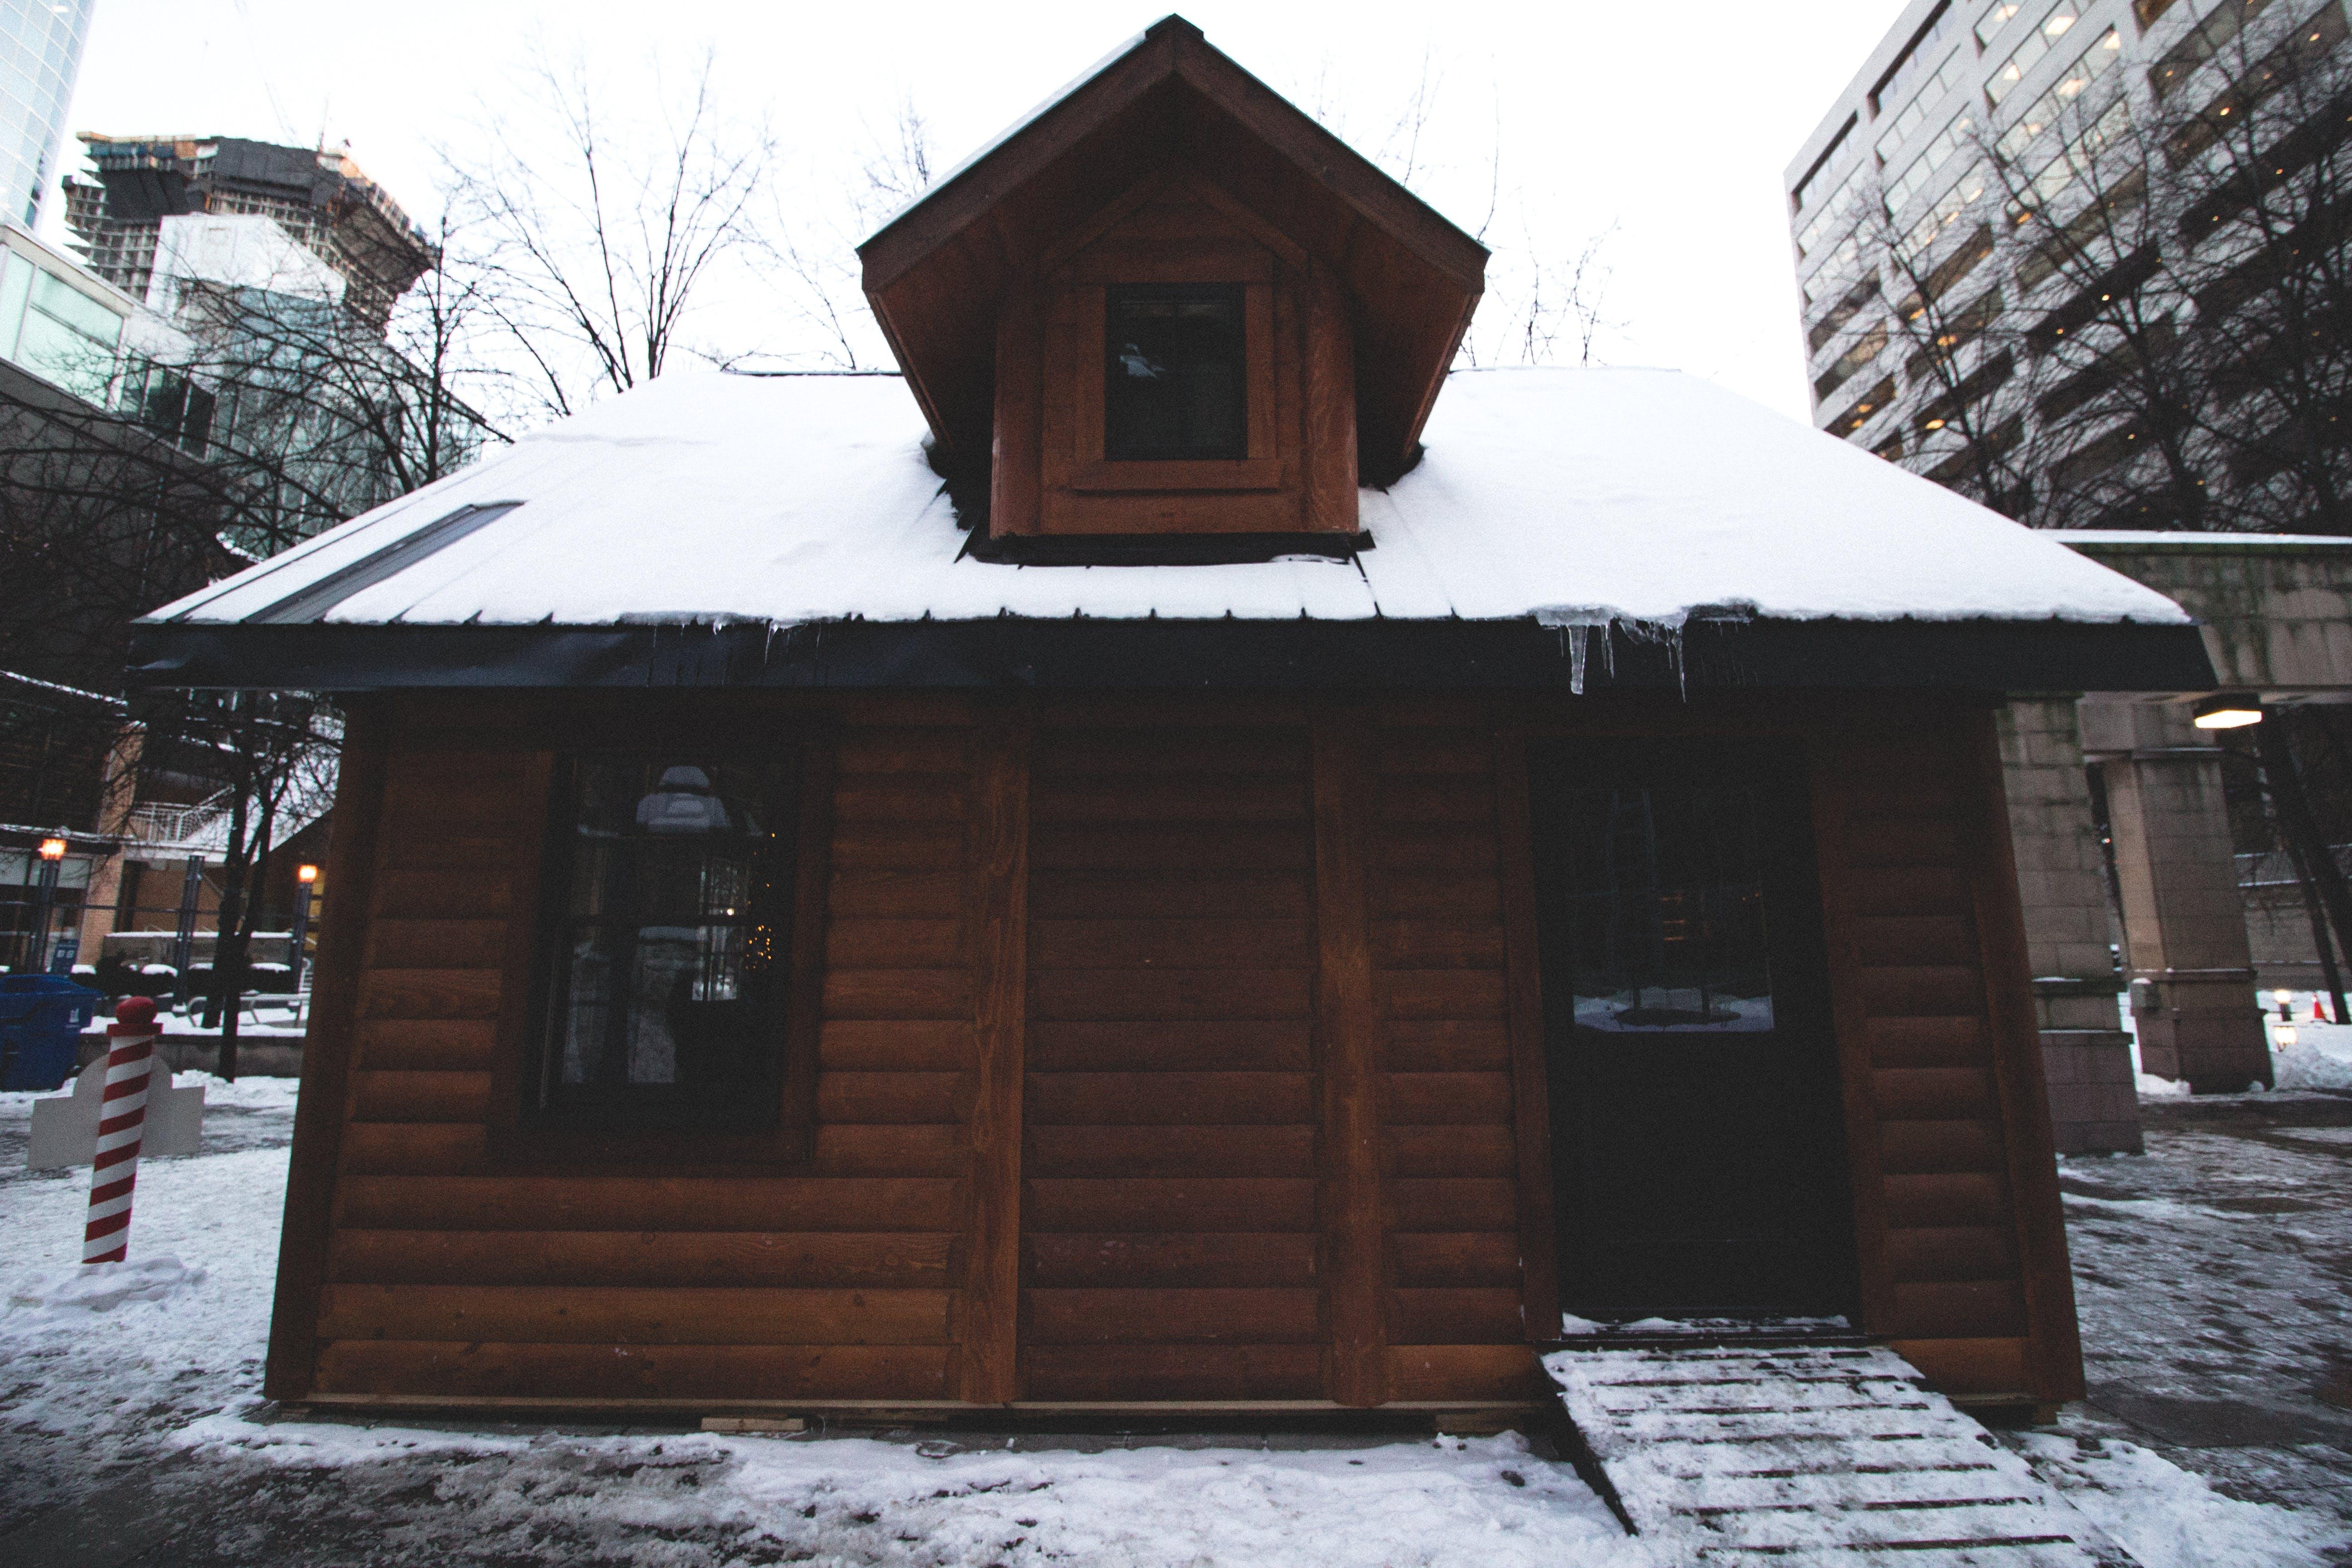 Fotos de stock gratuitas de bungalow, cabaña en la ciudad, cabina, cabina de madera